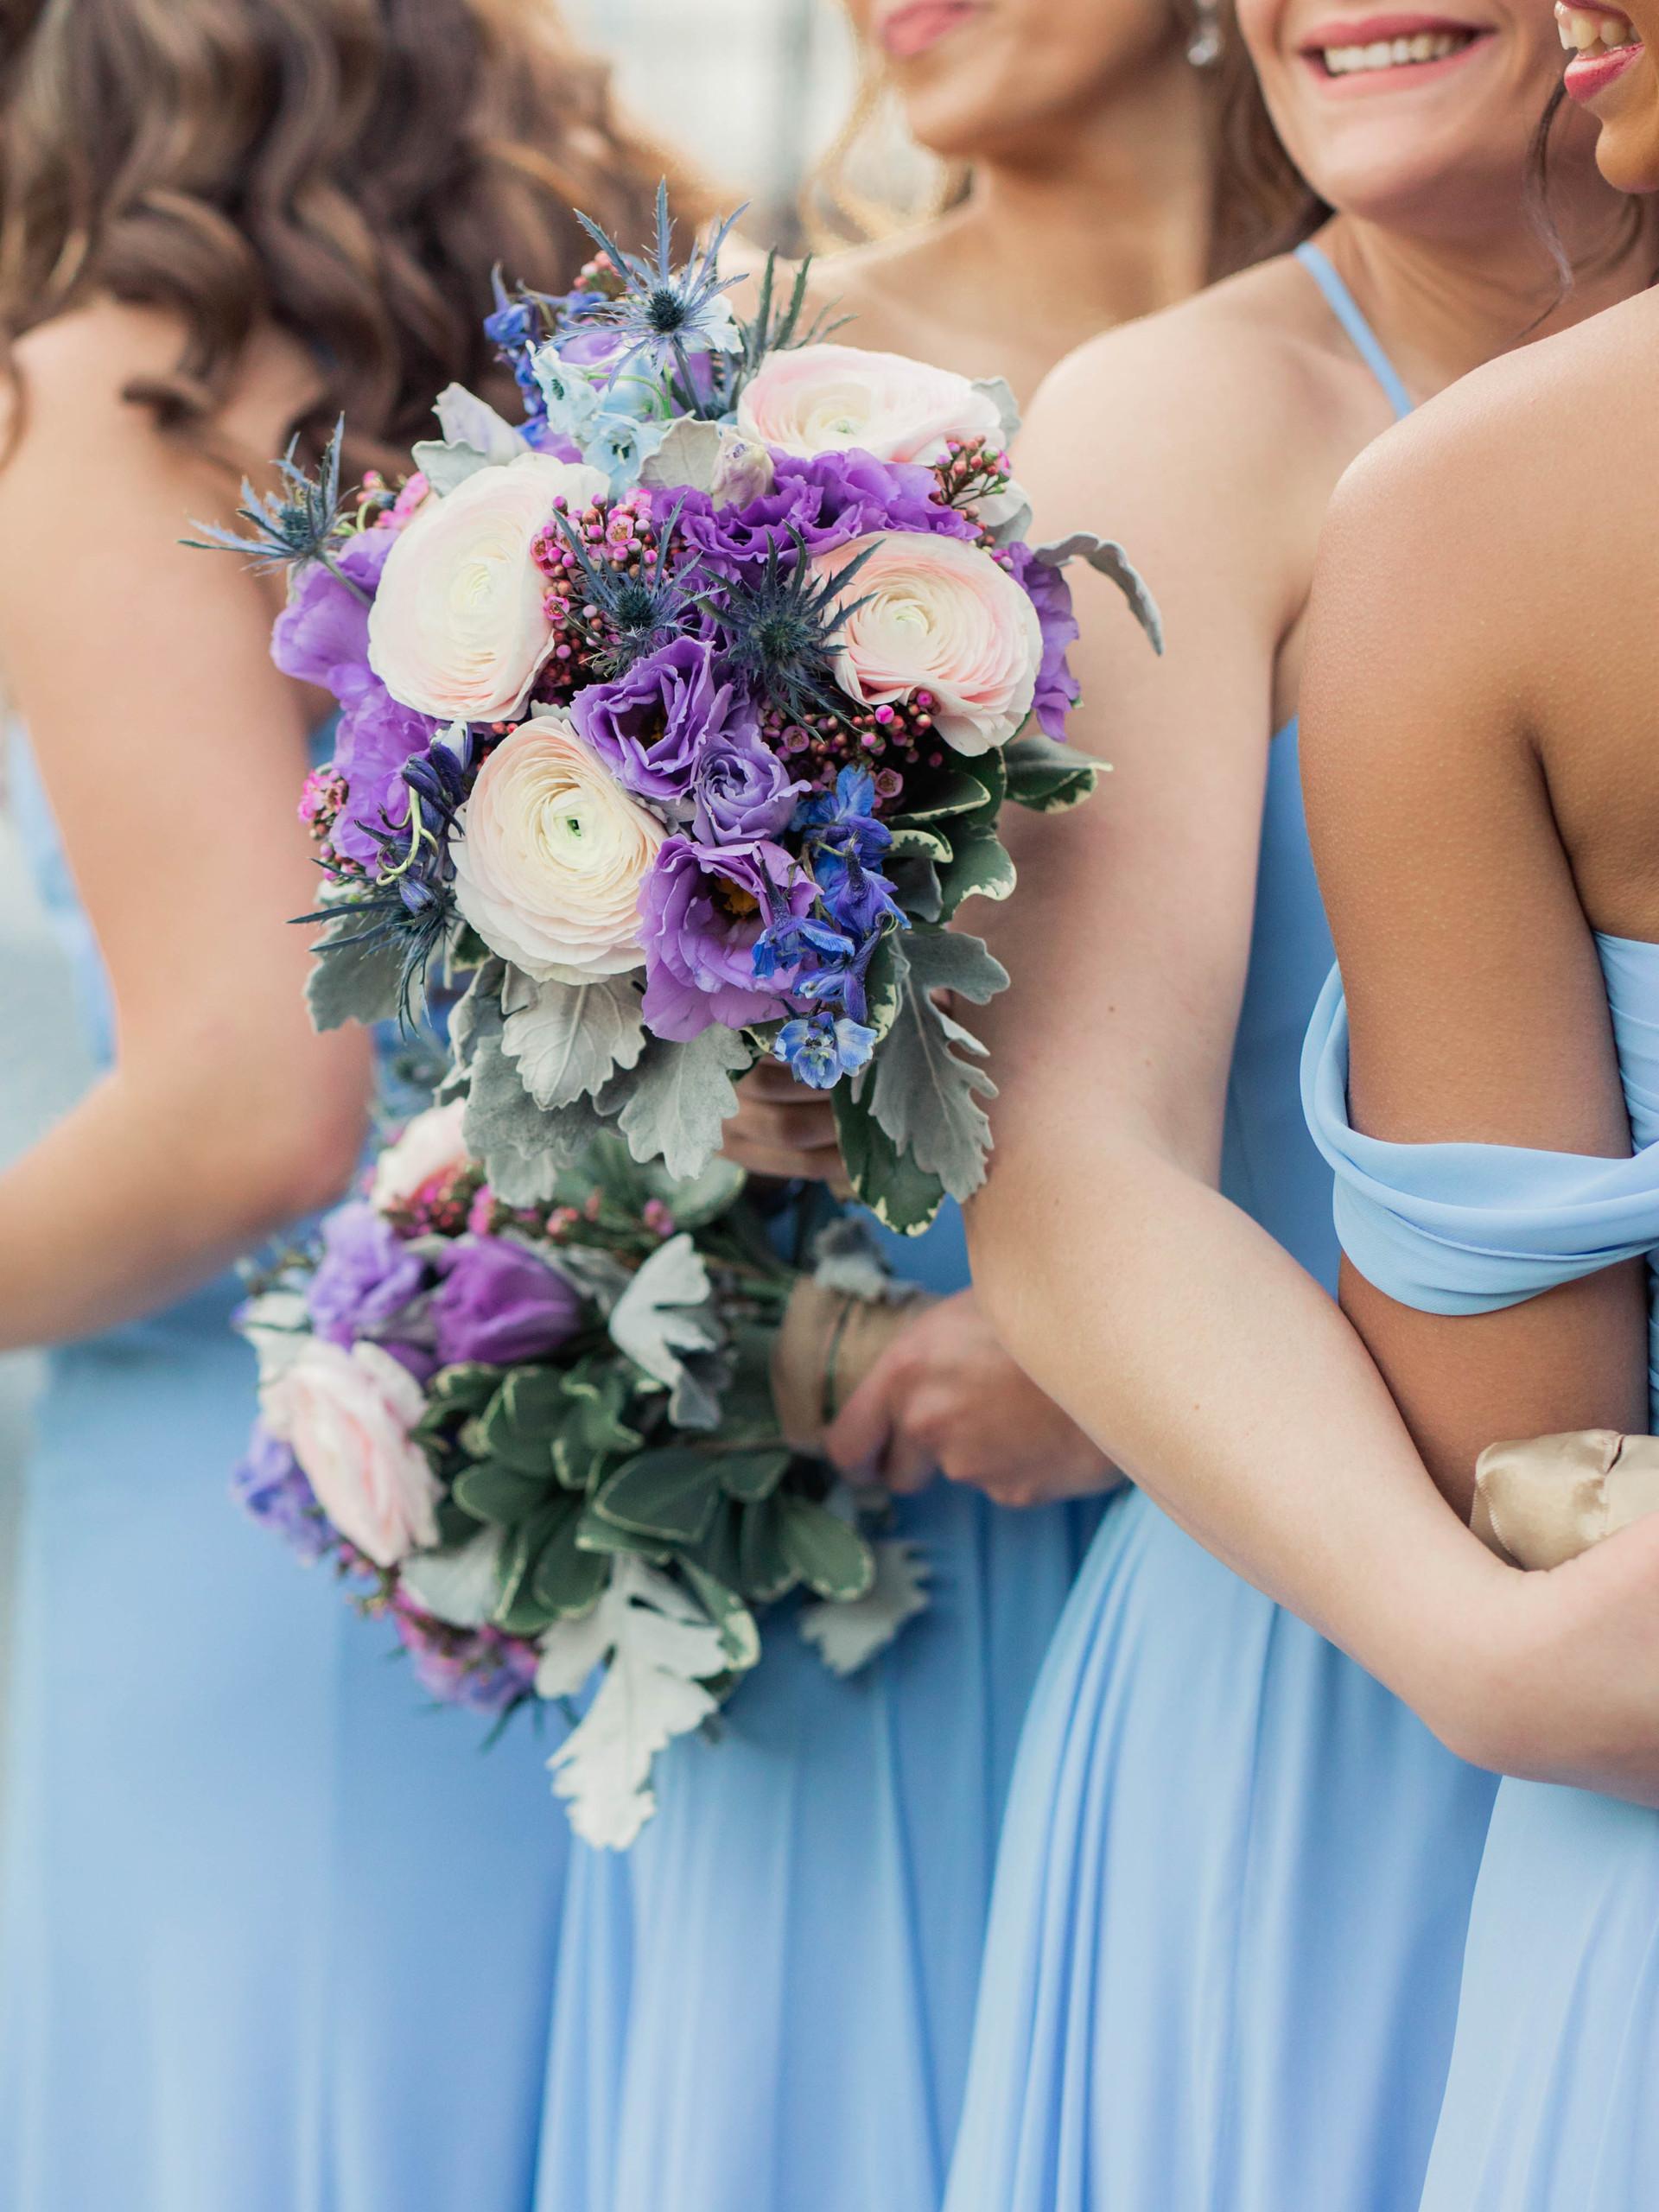 new-jersey-wedding-bridesmaids-bouquet-3